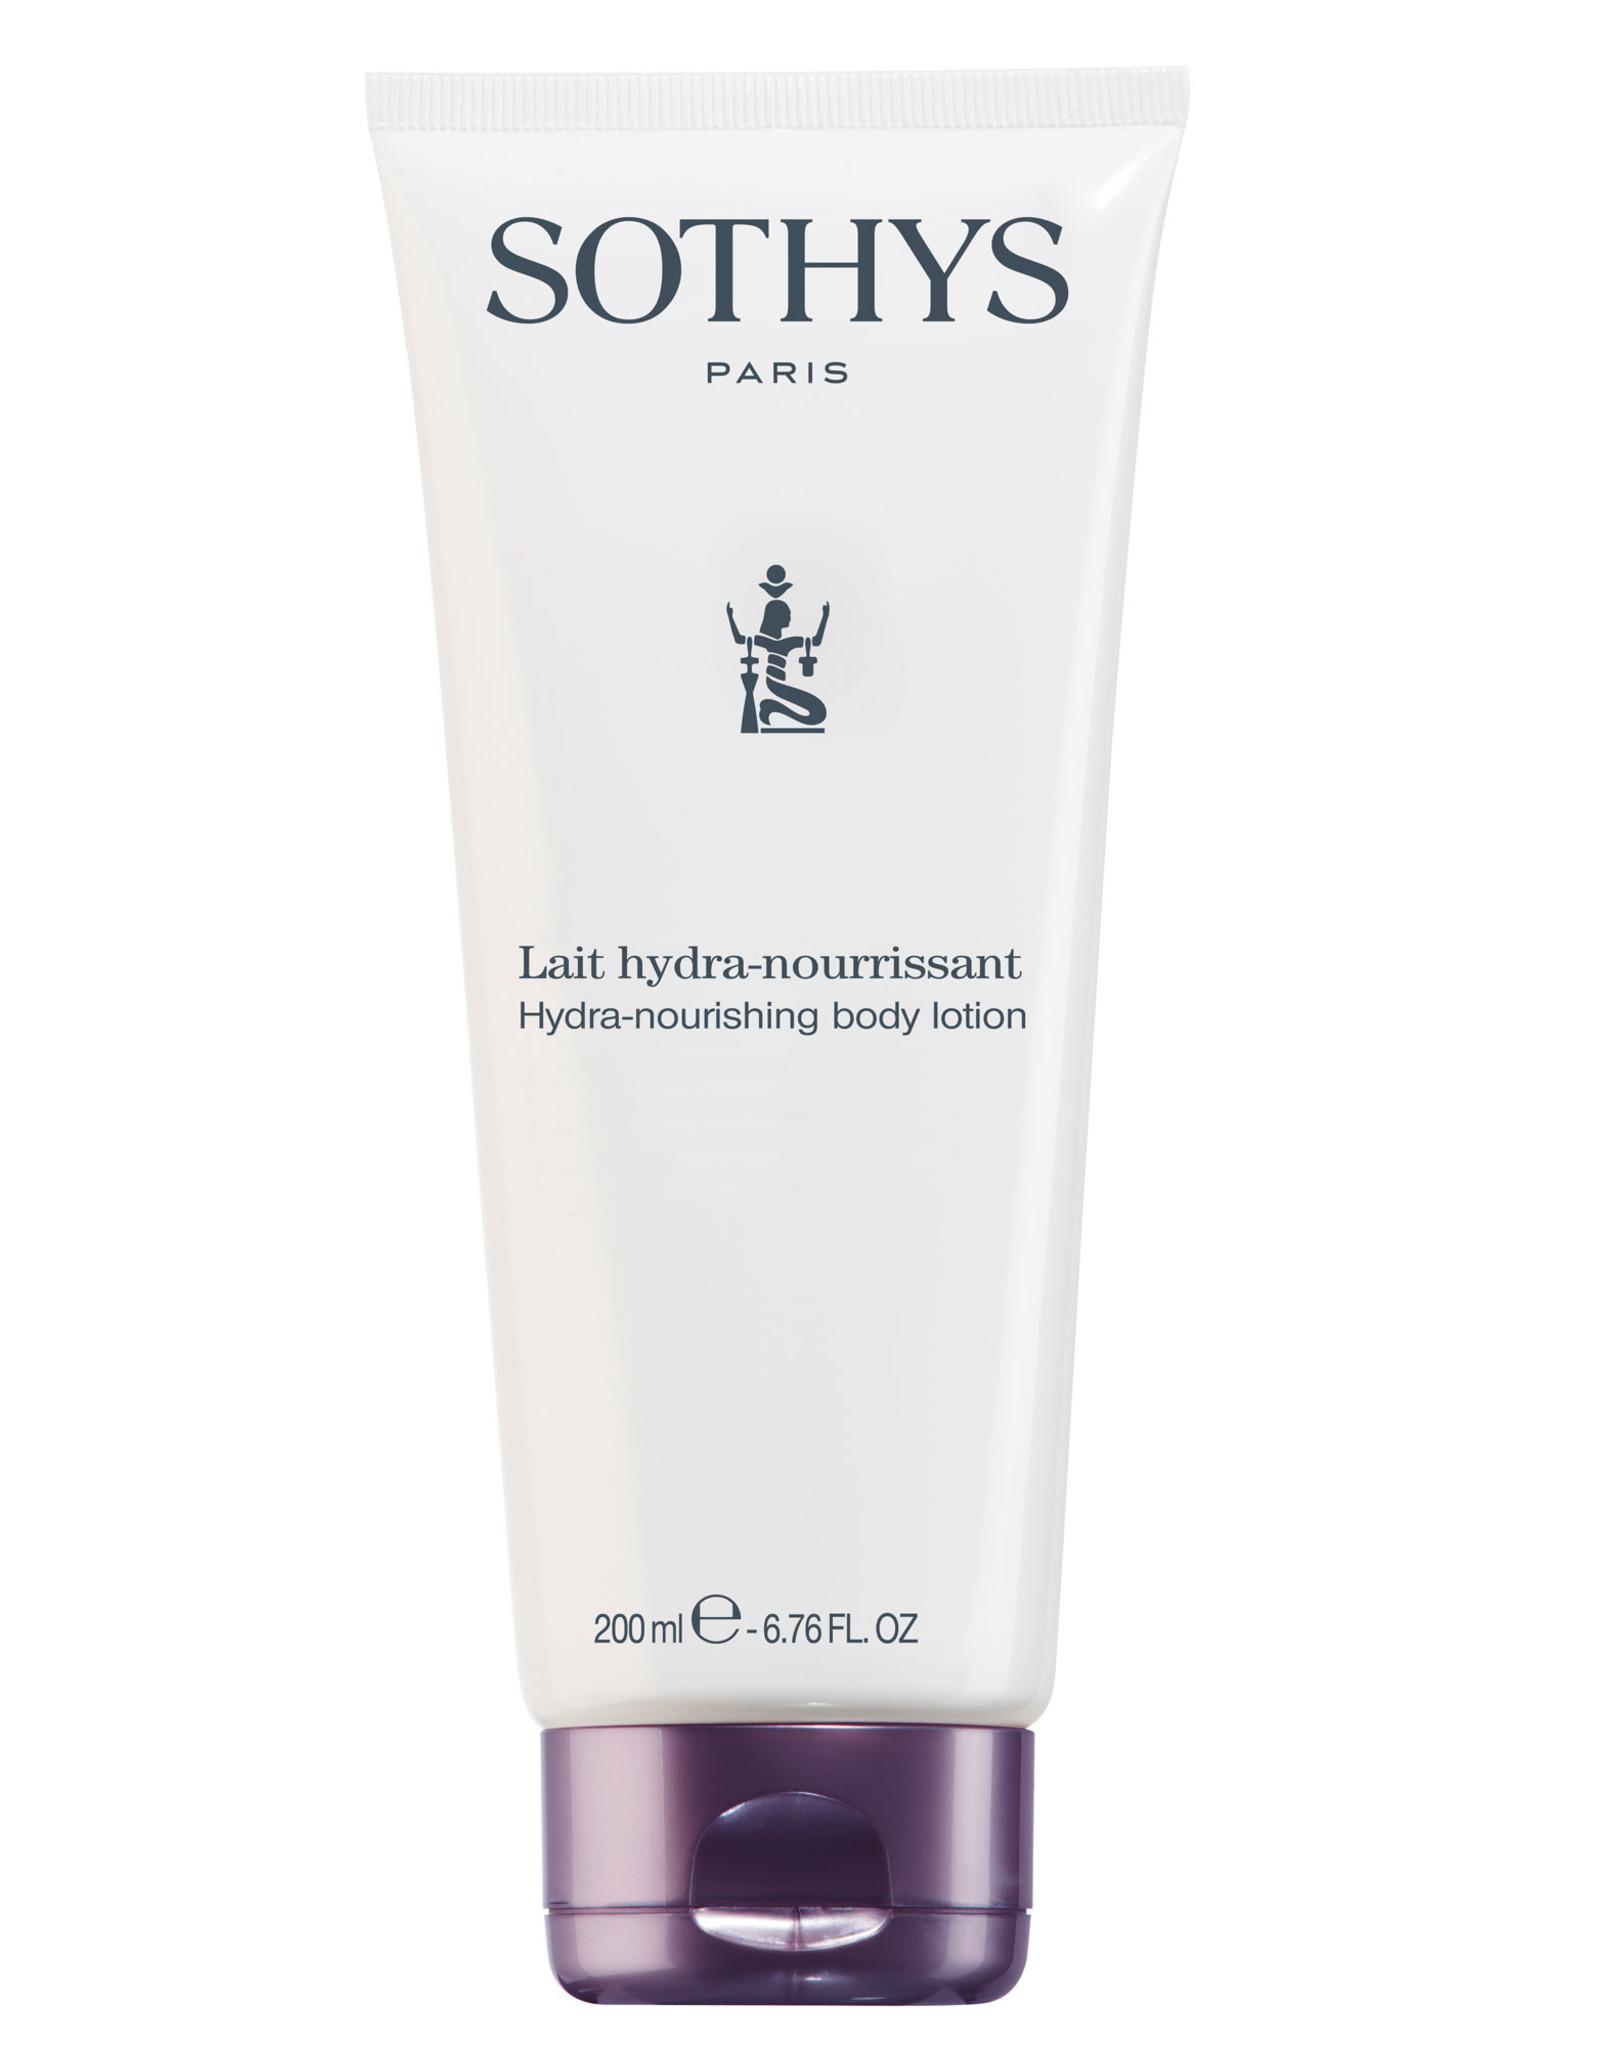 SOTHYS Lait hydra-nourrissant - Sothys